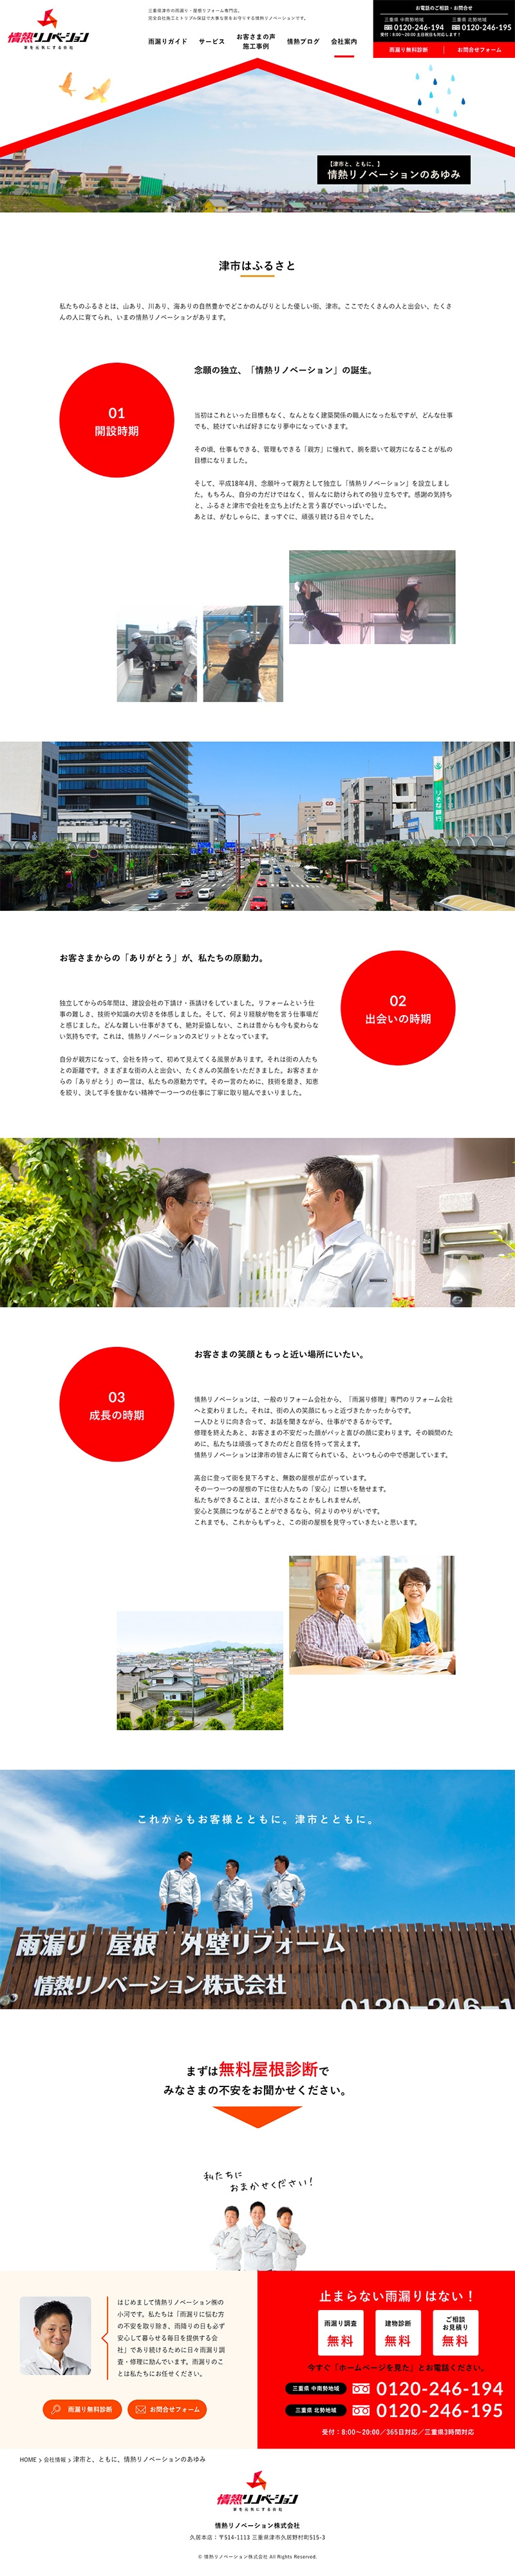 情熱リノベーション株式会社様・Webサイト